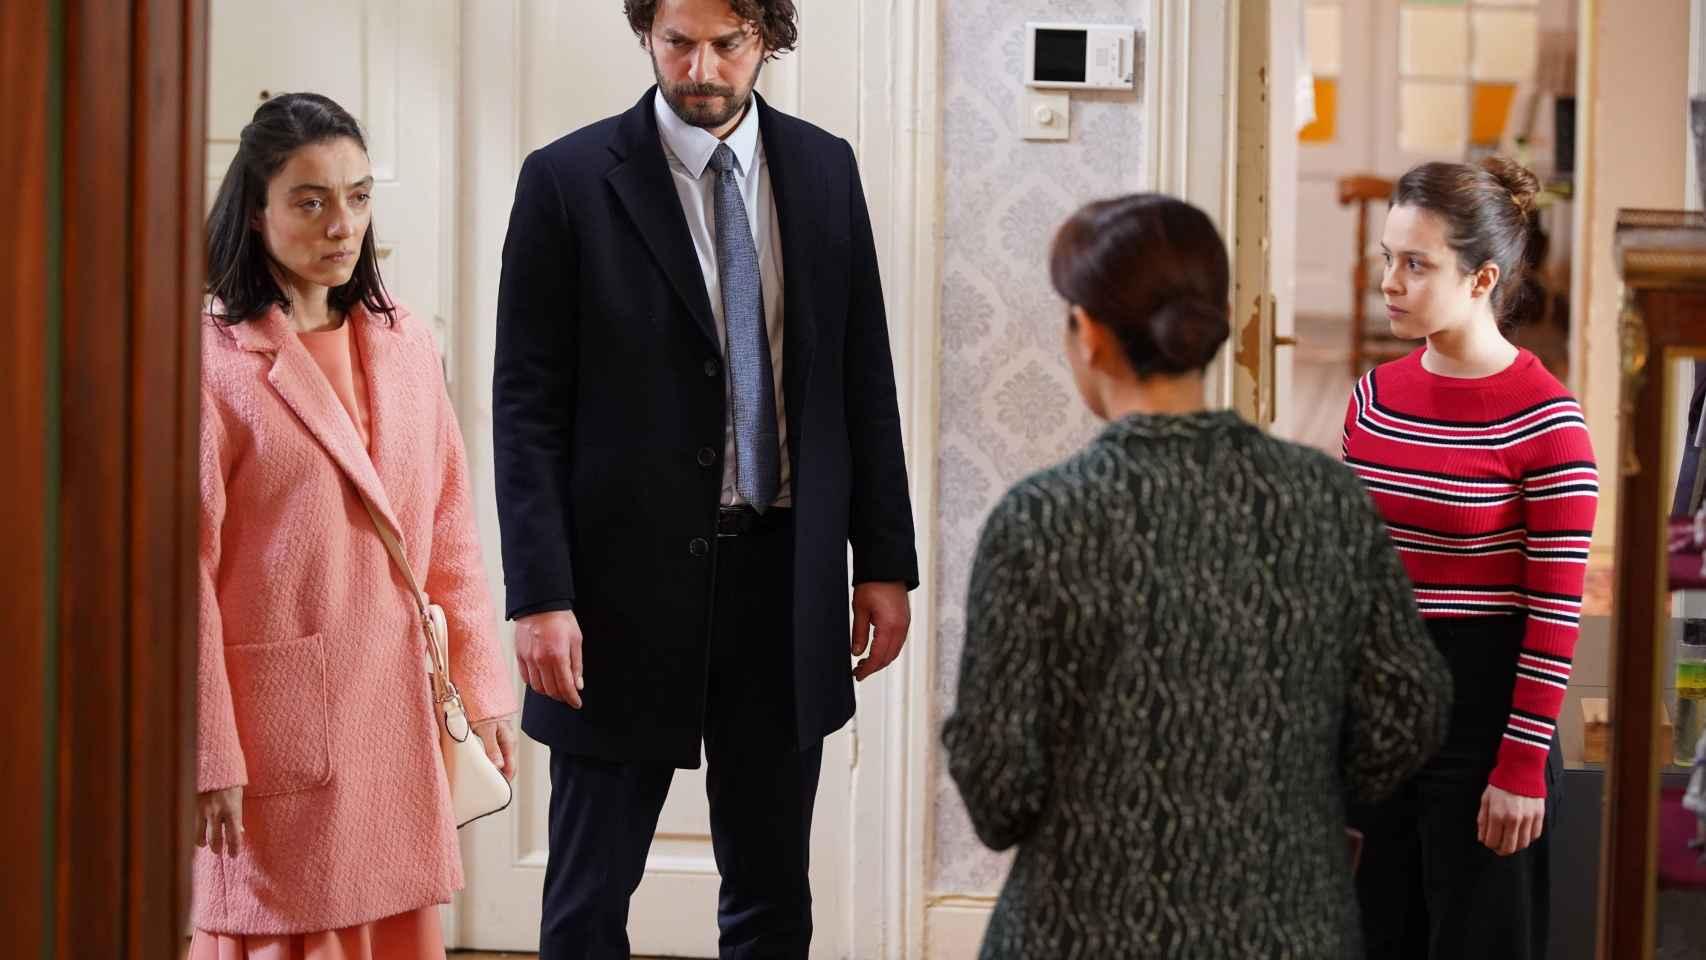 Qué pasa en el nuevo capítulo de 'Inocentes' que Antena 3 emite este lunes 13